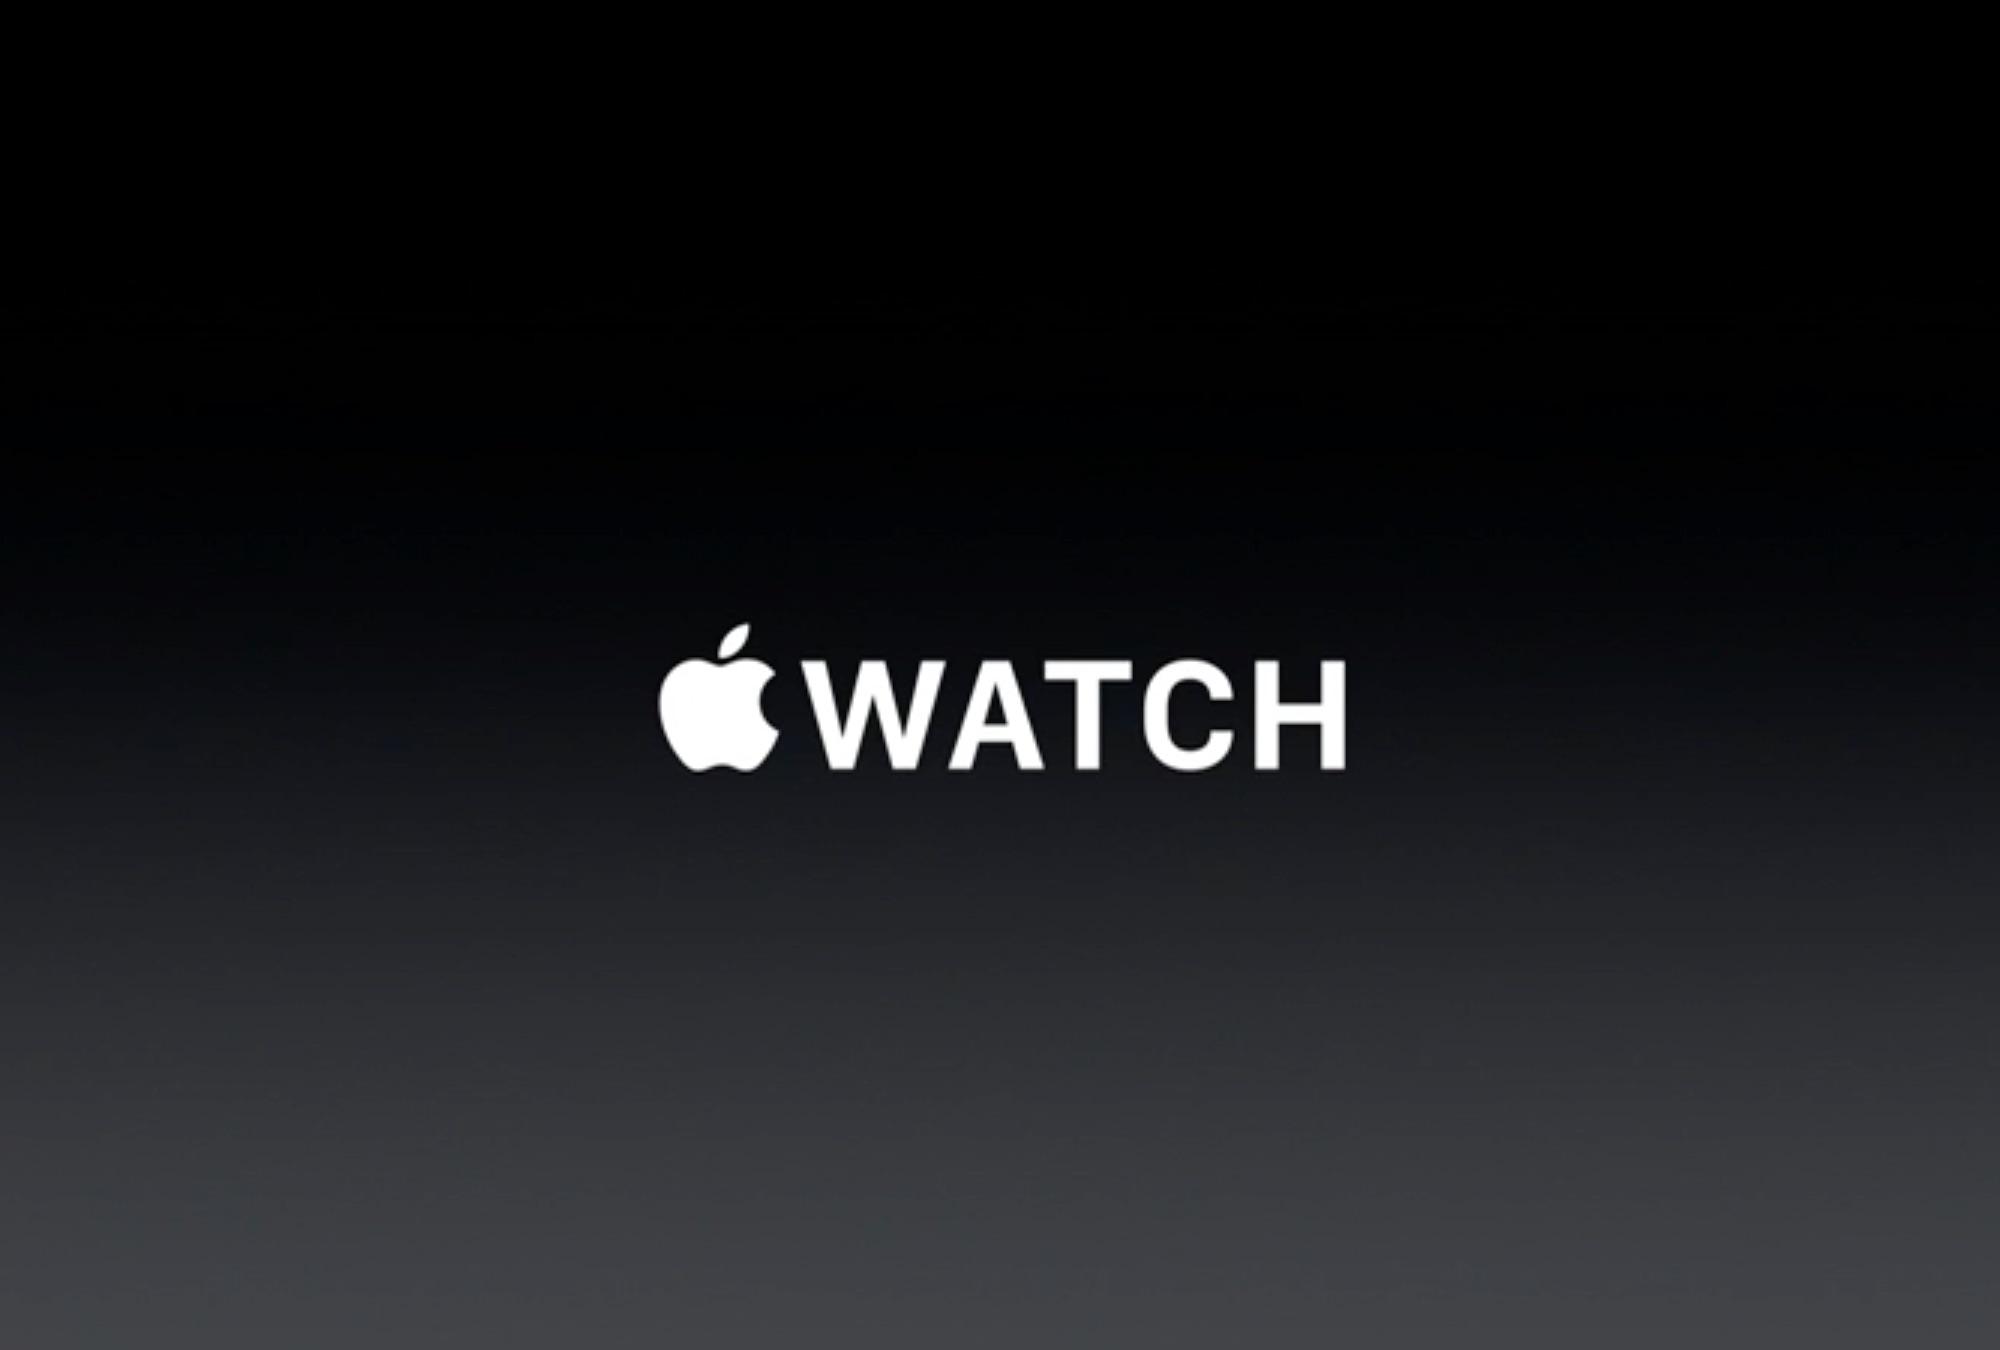 Apple Watch新モデル、Watch OS 2が発表!Appleイベントまとめ